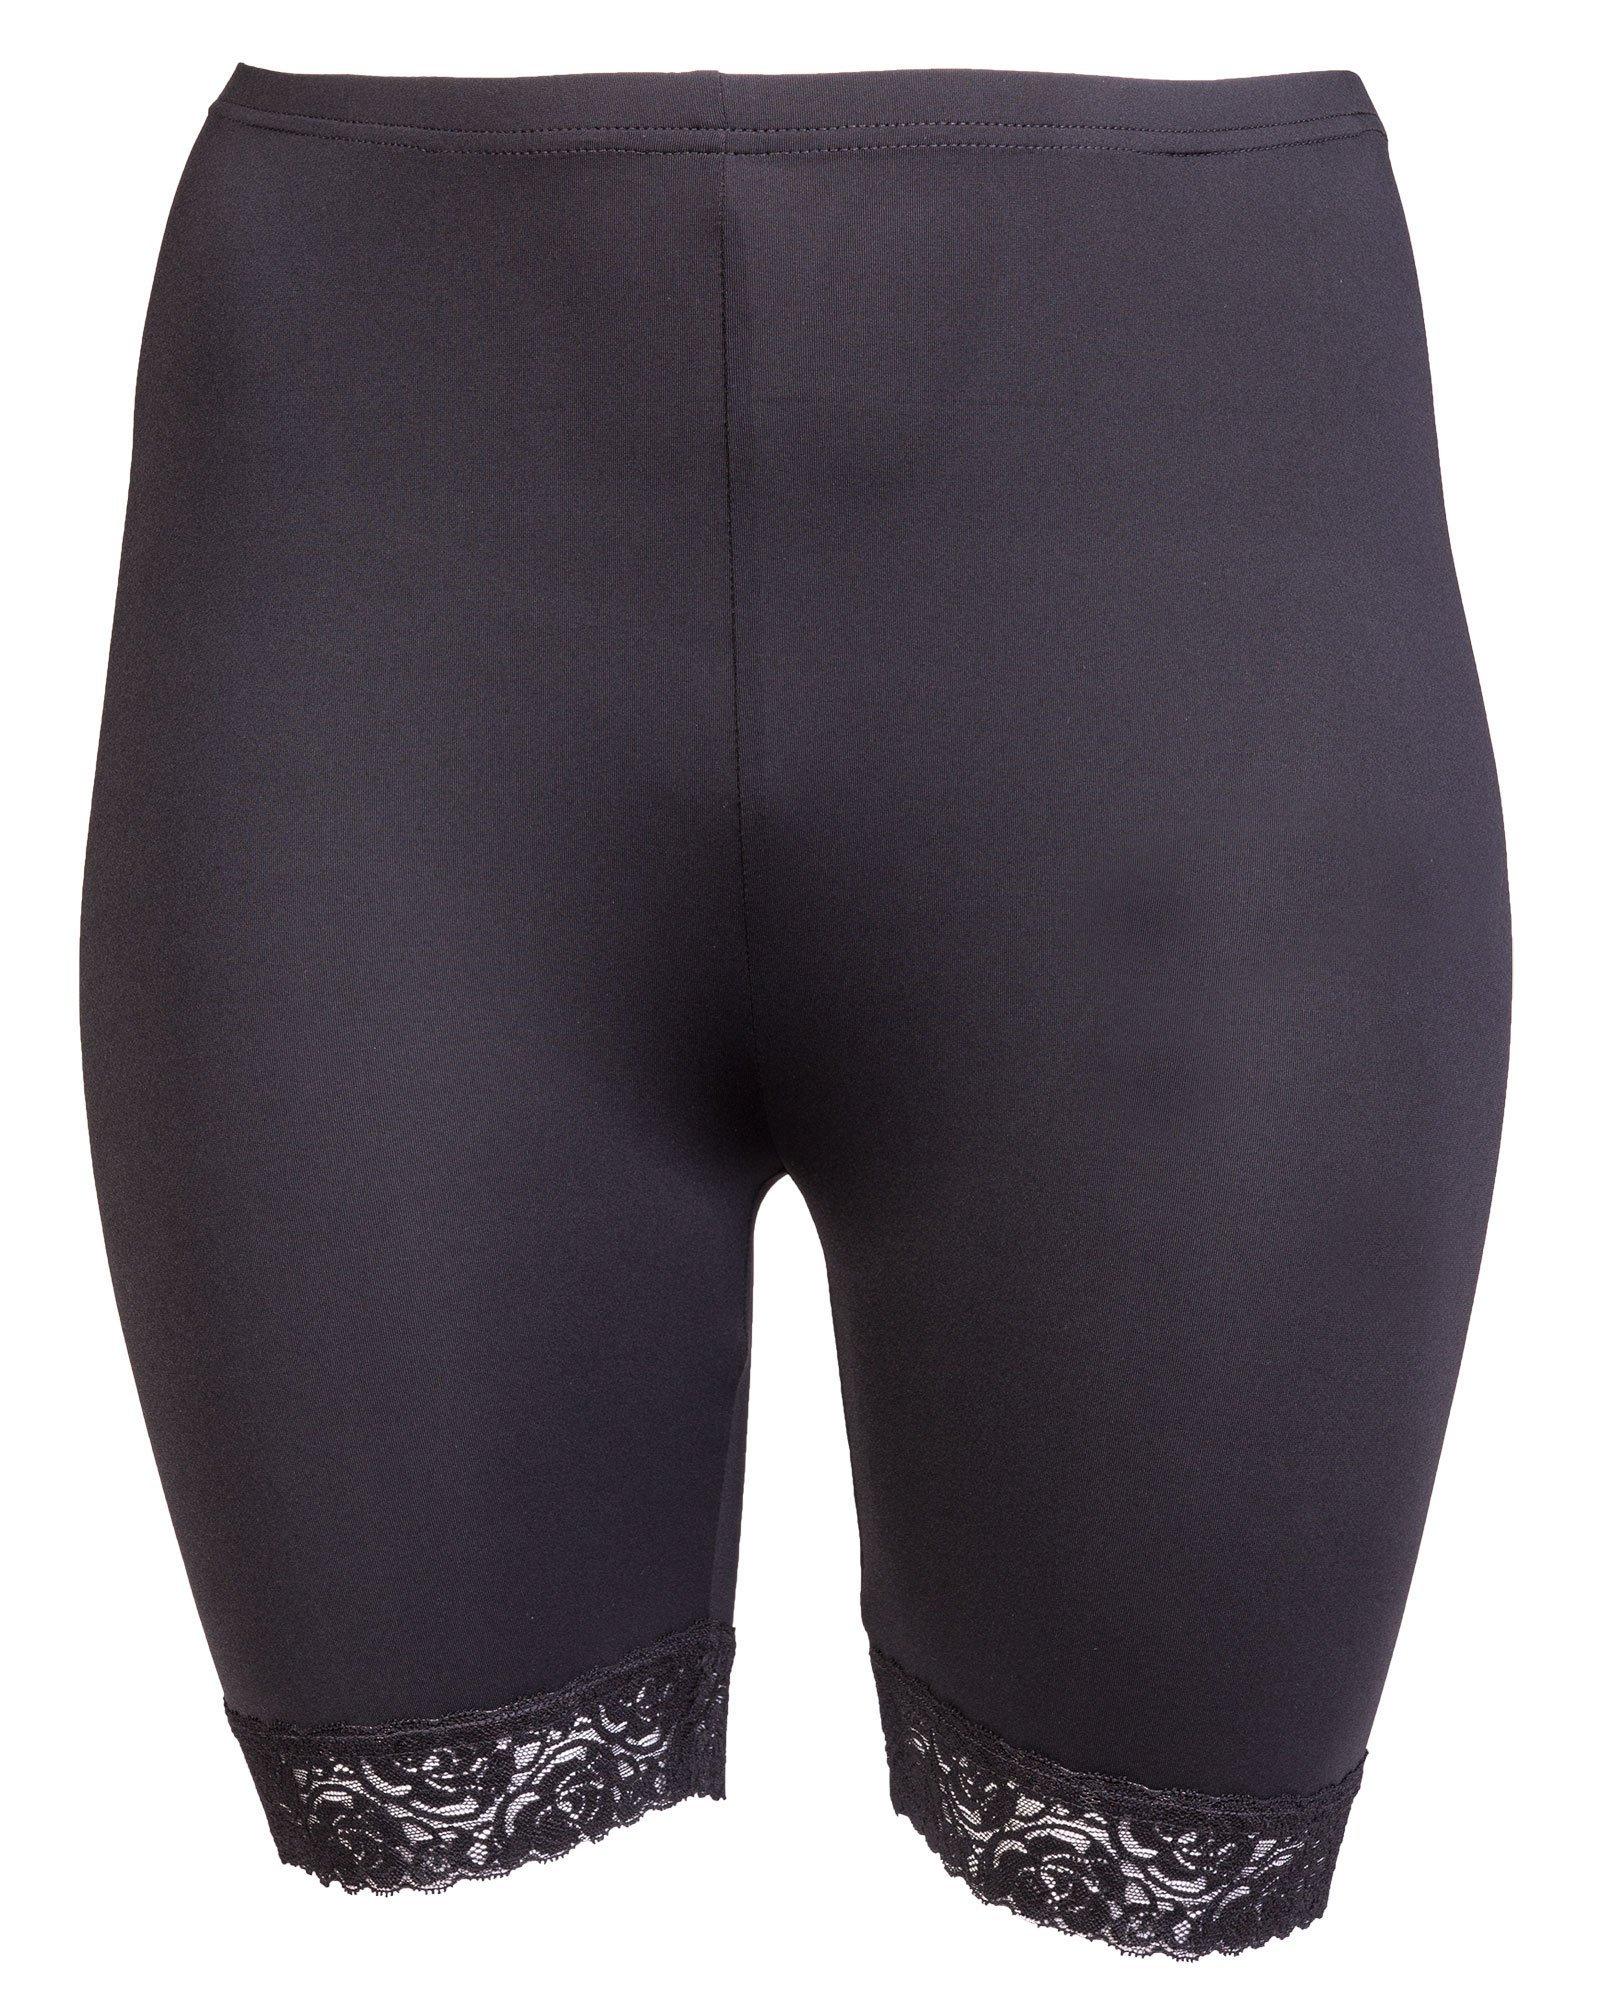 Myke bukser i mikrofiber med fin blondekant